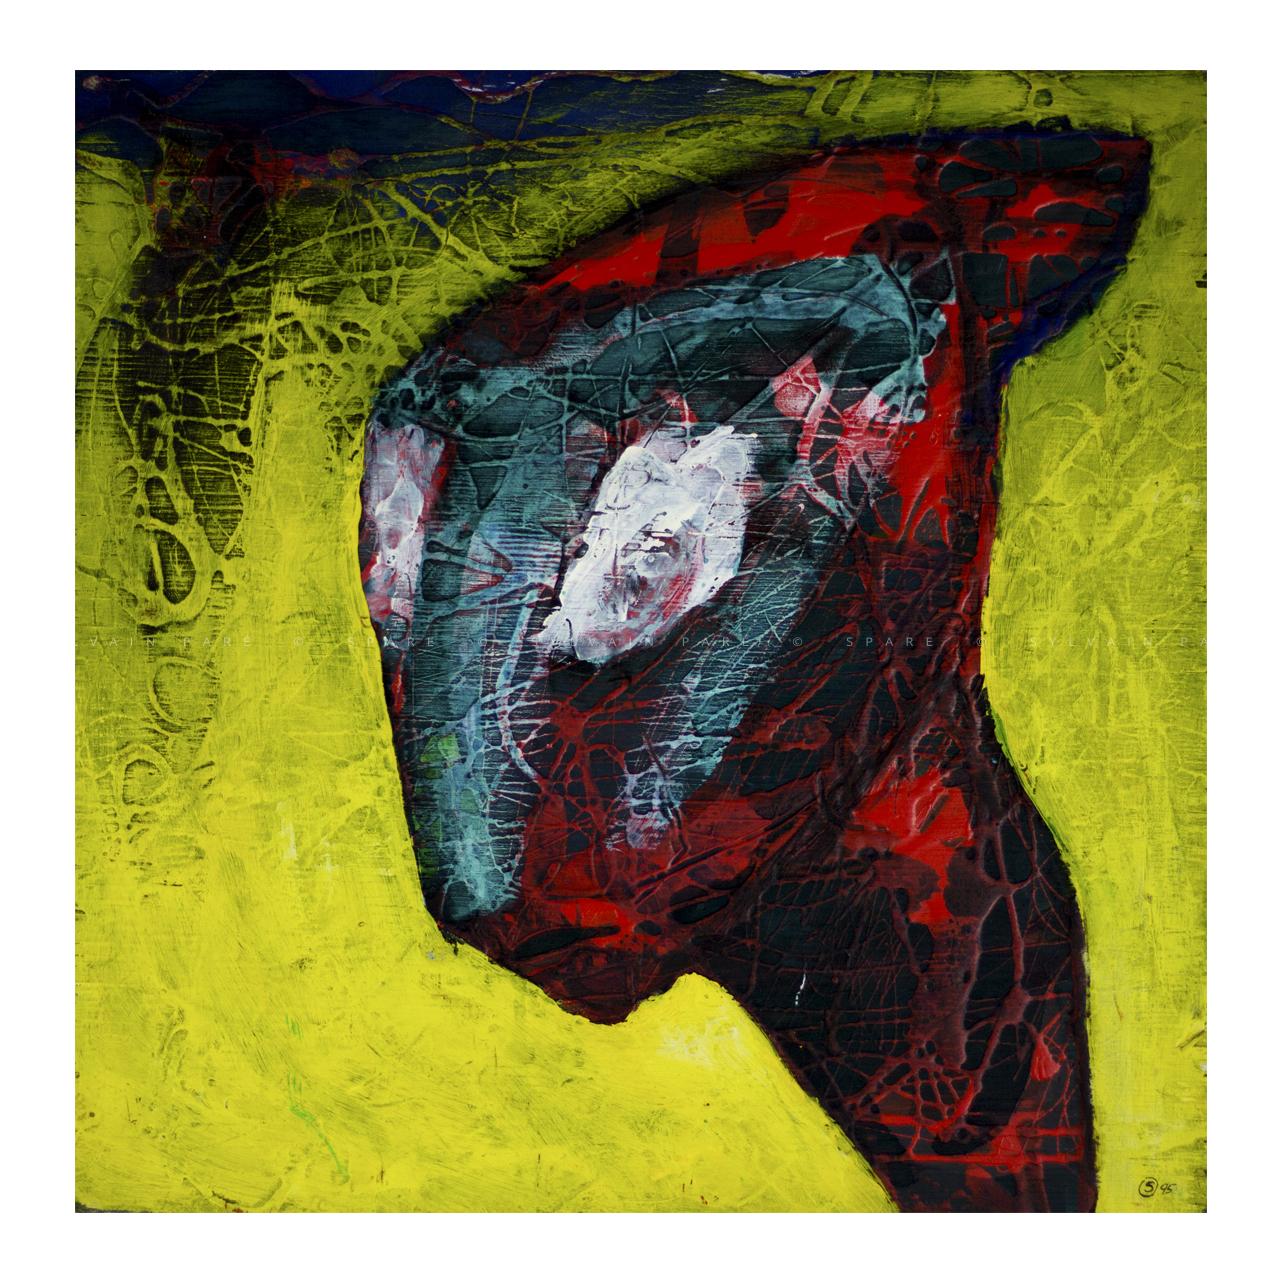 sylvain-pare-spare-artwork-1280x1280_IMG_0215.jpg